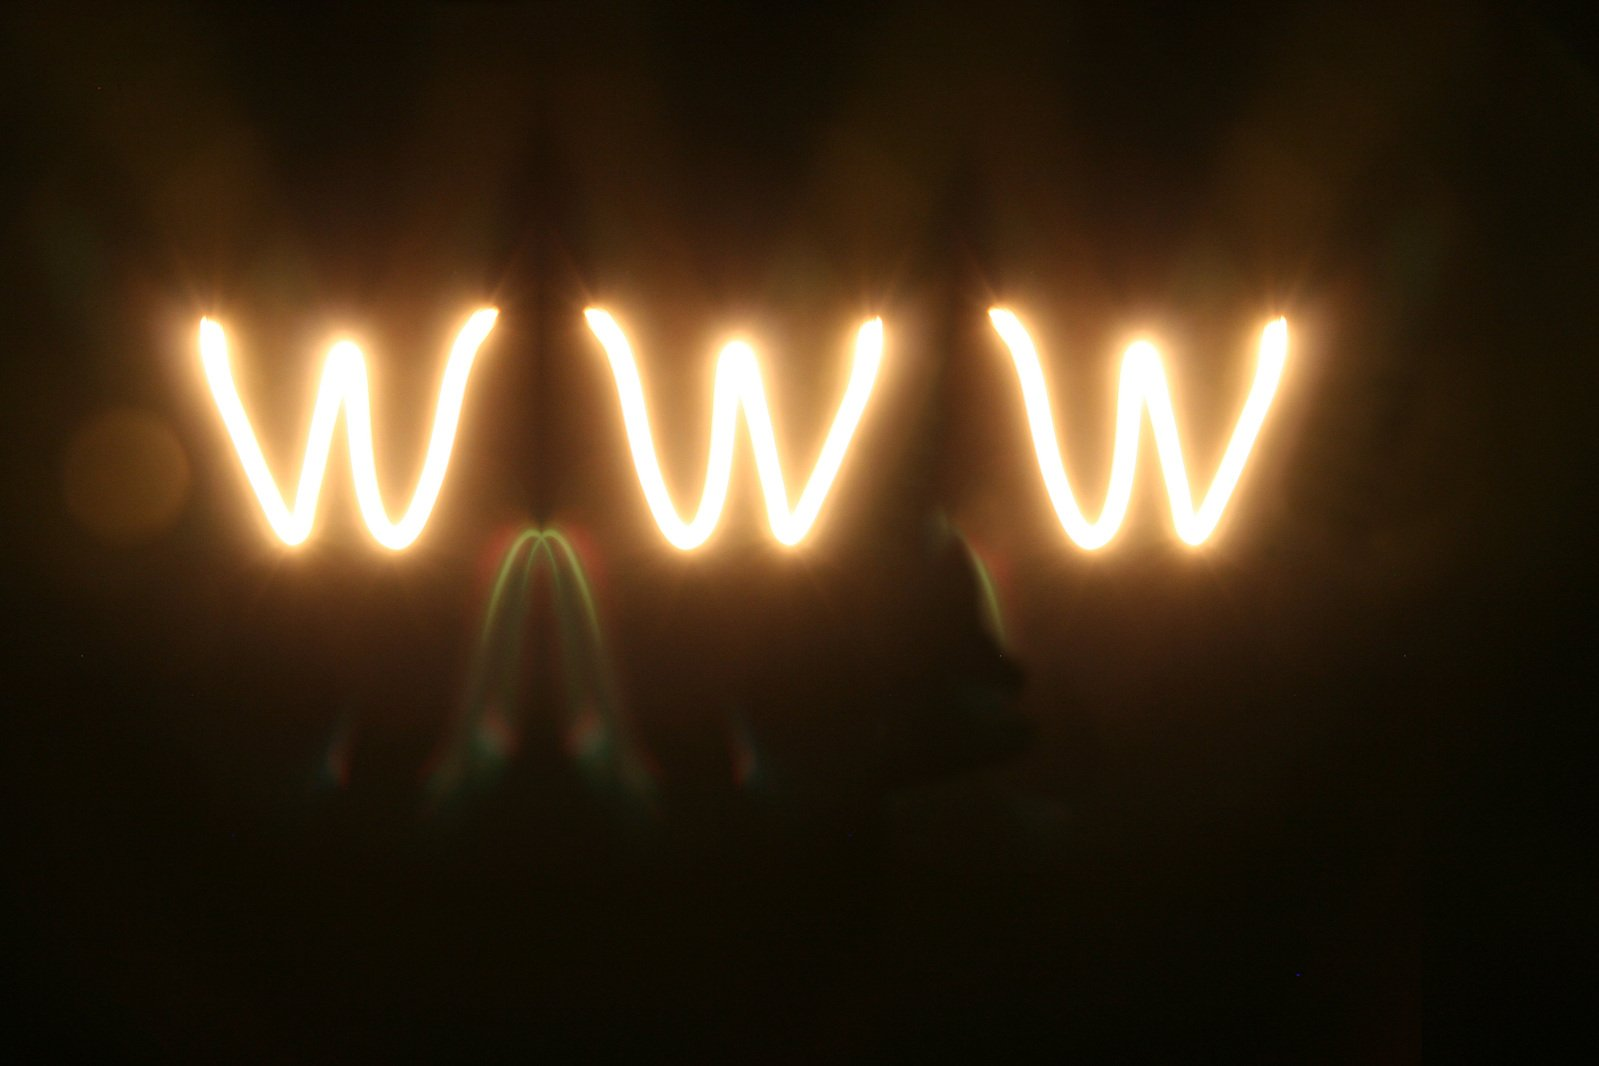 Web 3.0 vs Web 2.0